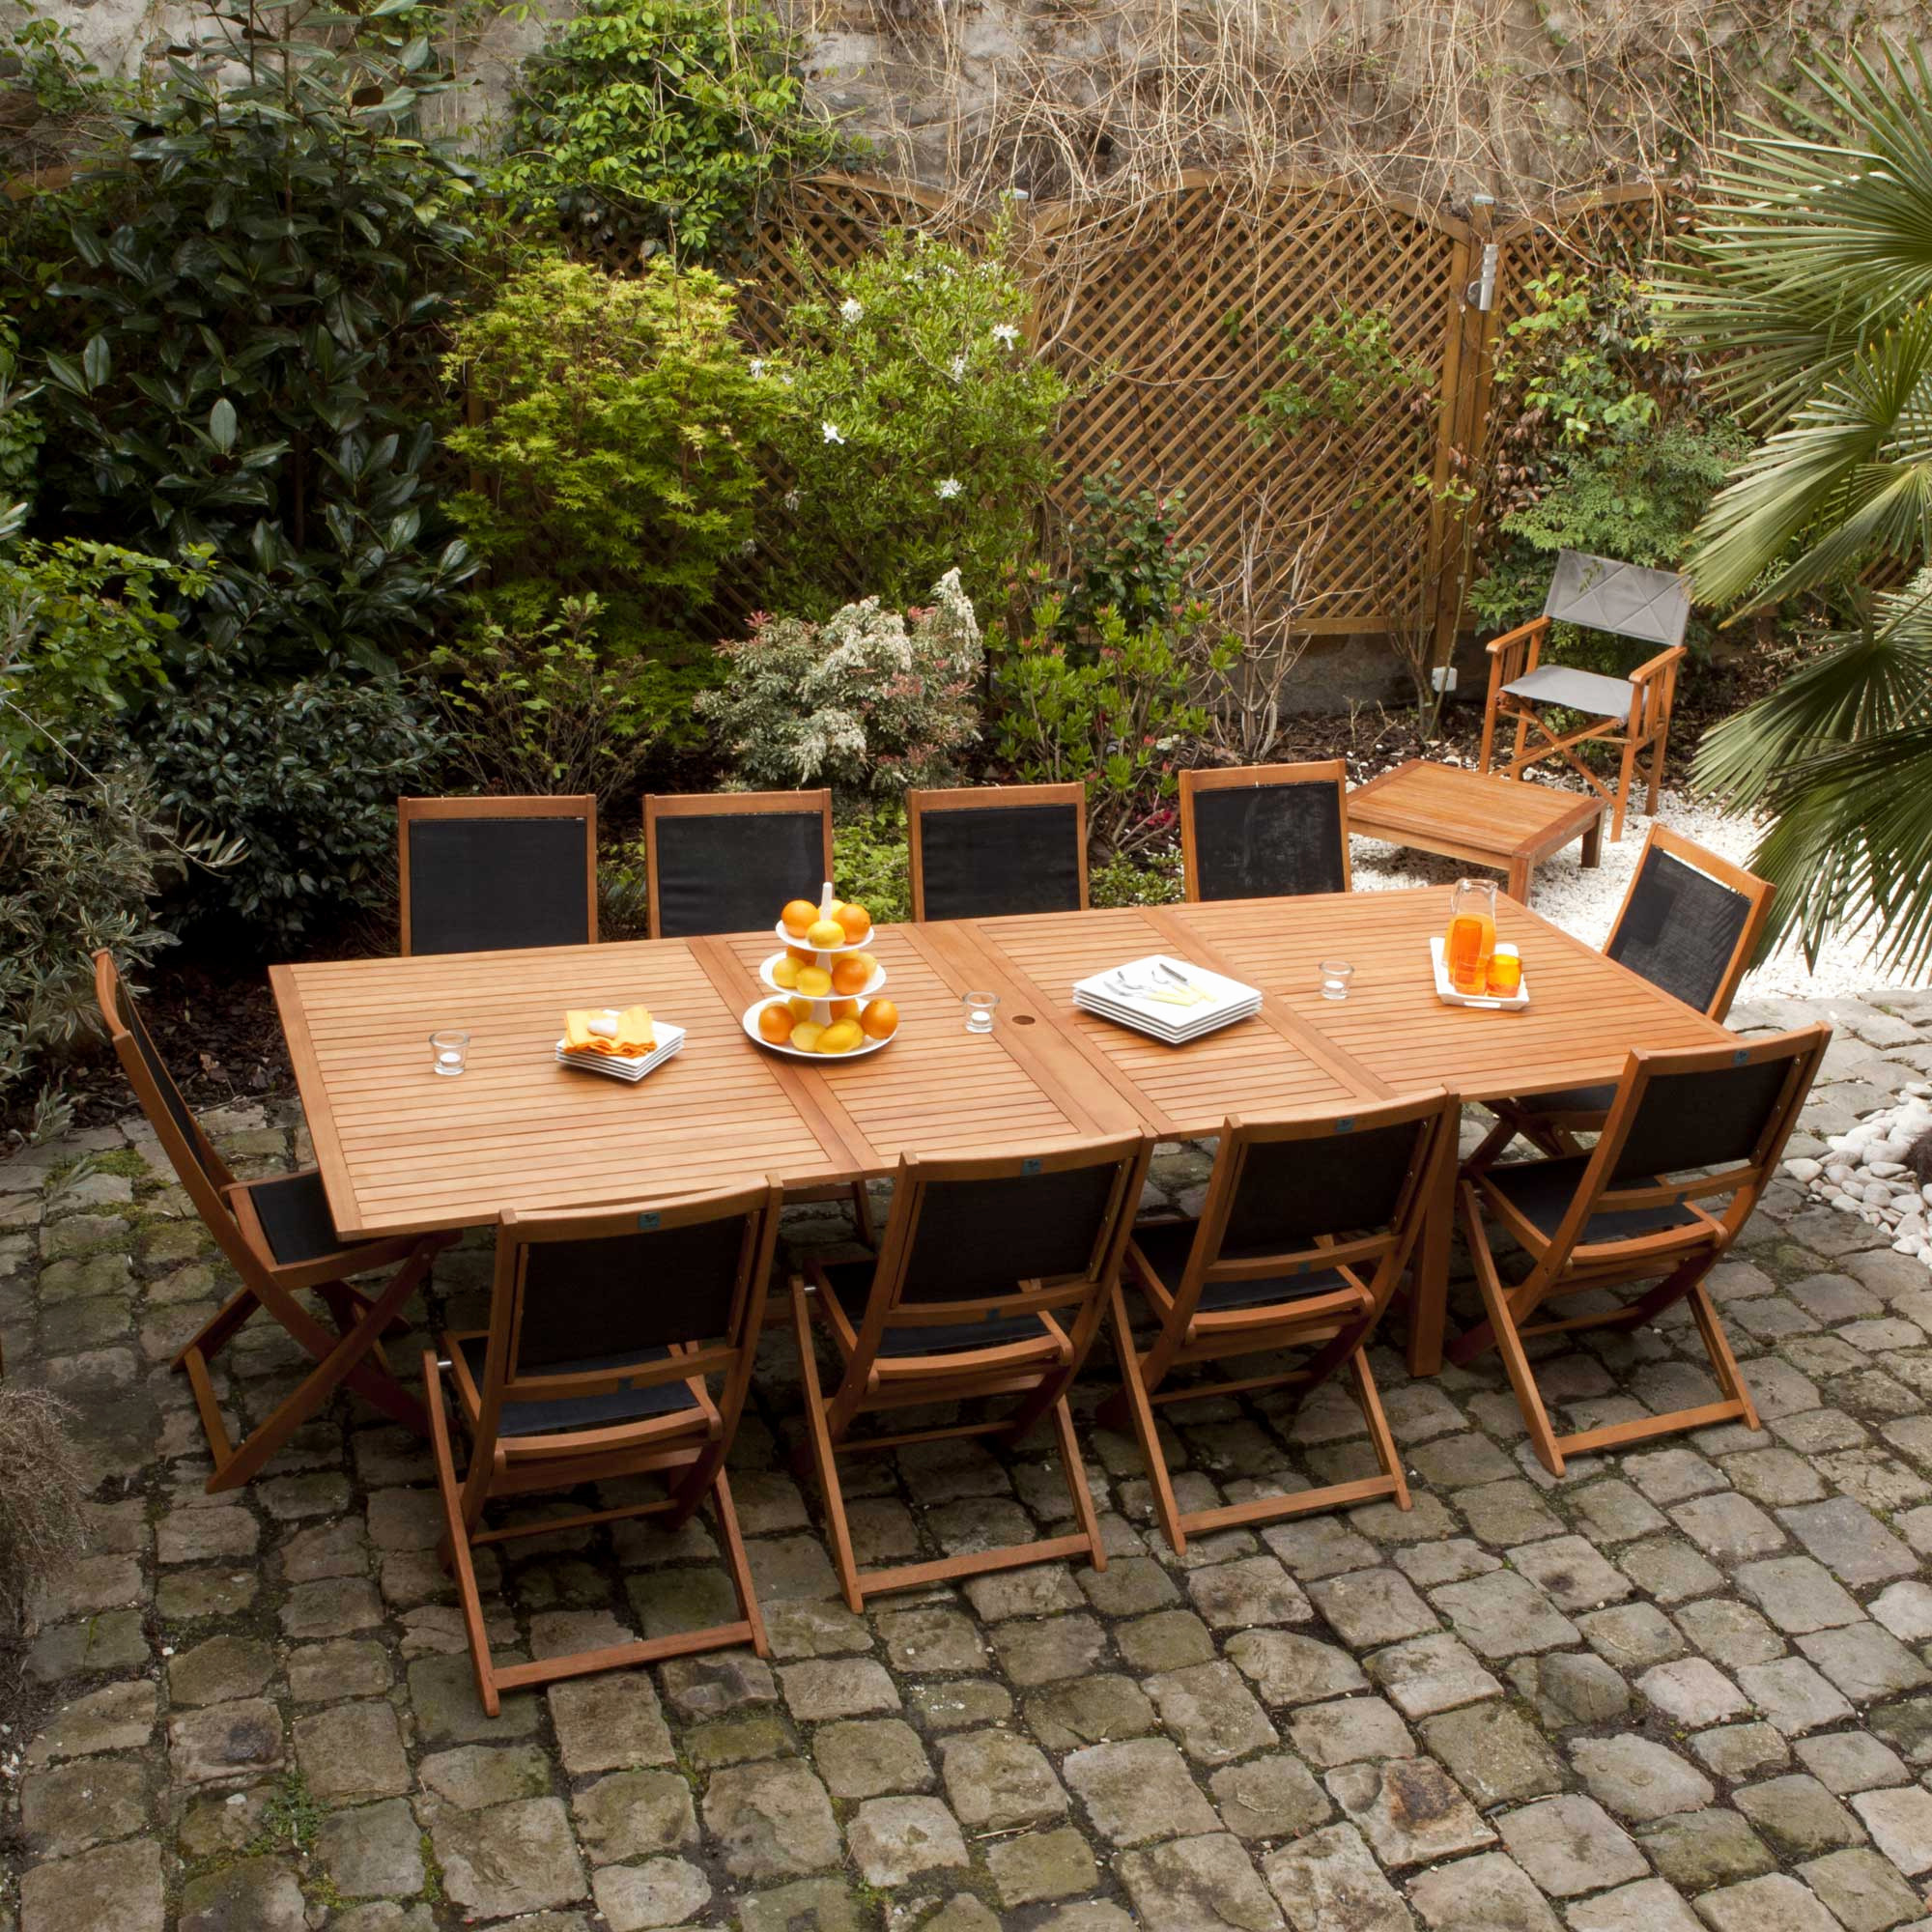 Maisonnette Plastique Leclerc Luxe Photos Table De Jardin Pas Cher En Plastique Leclerc